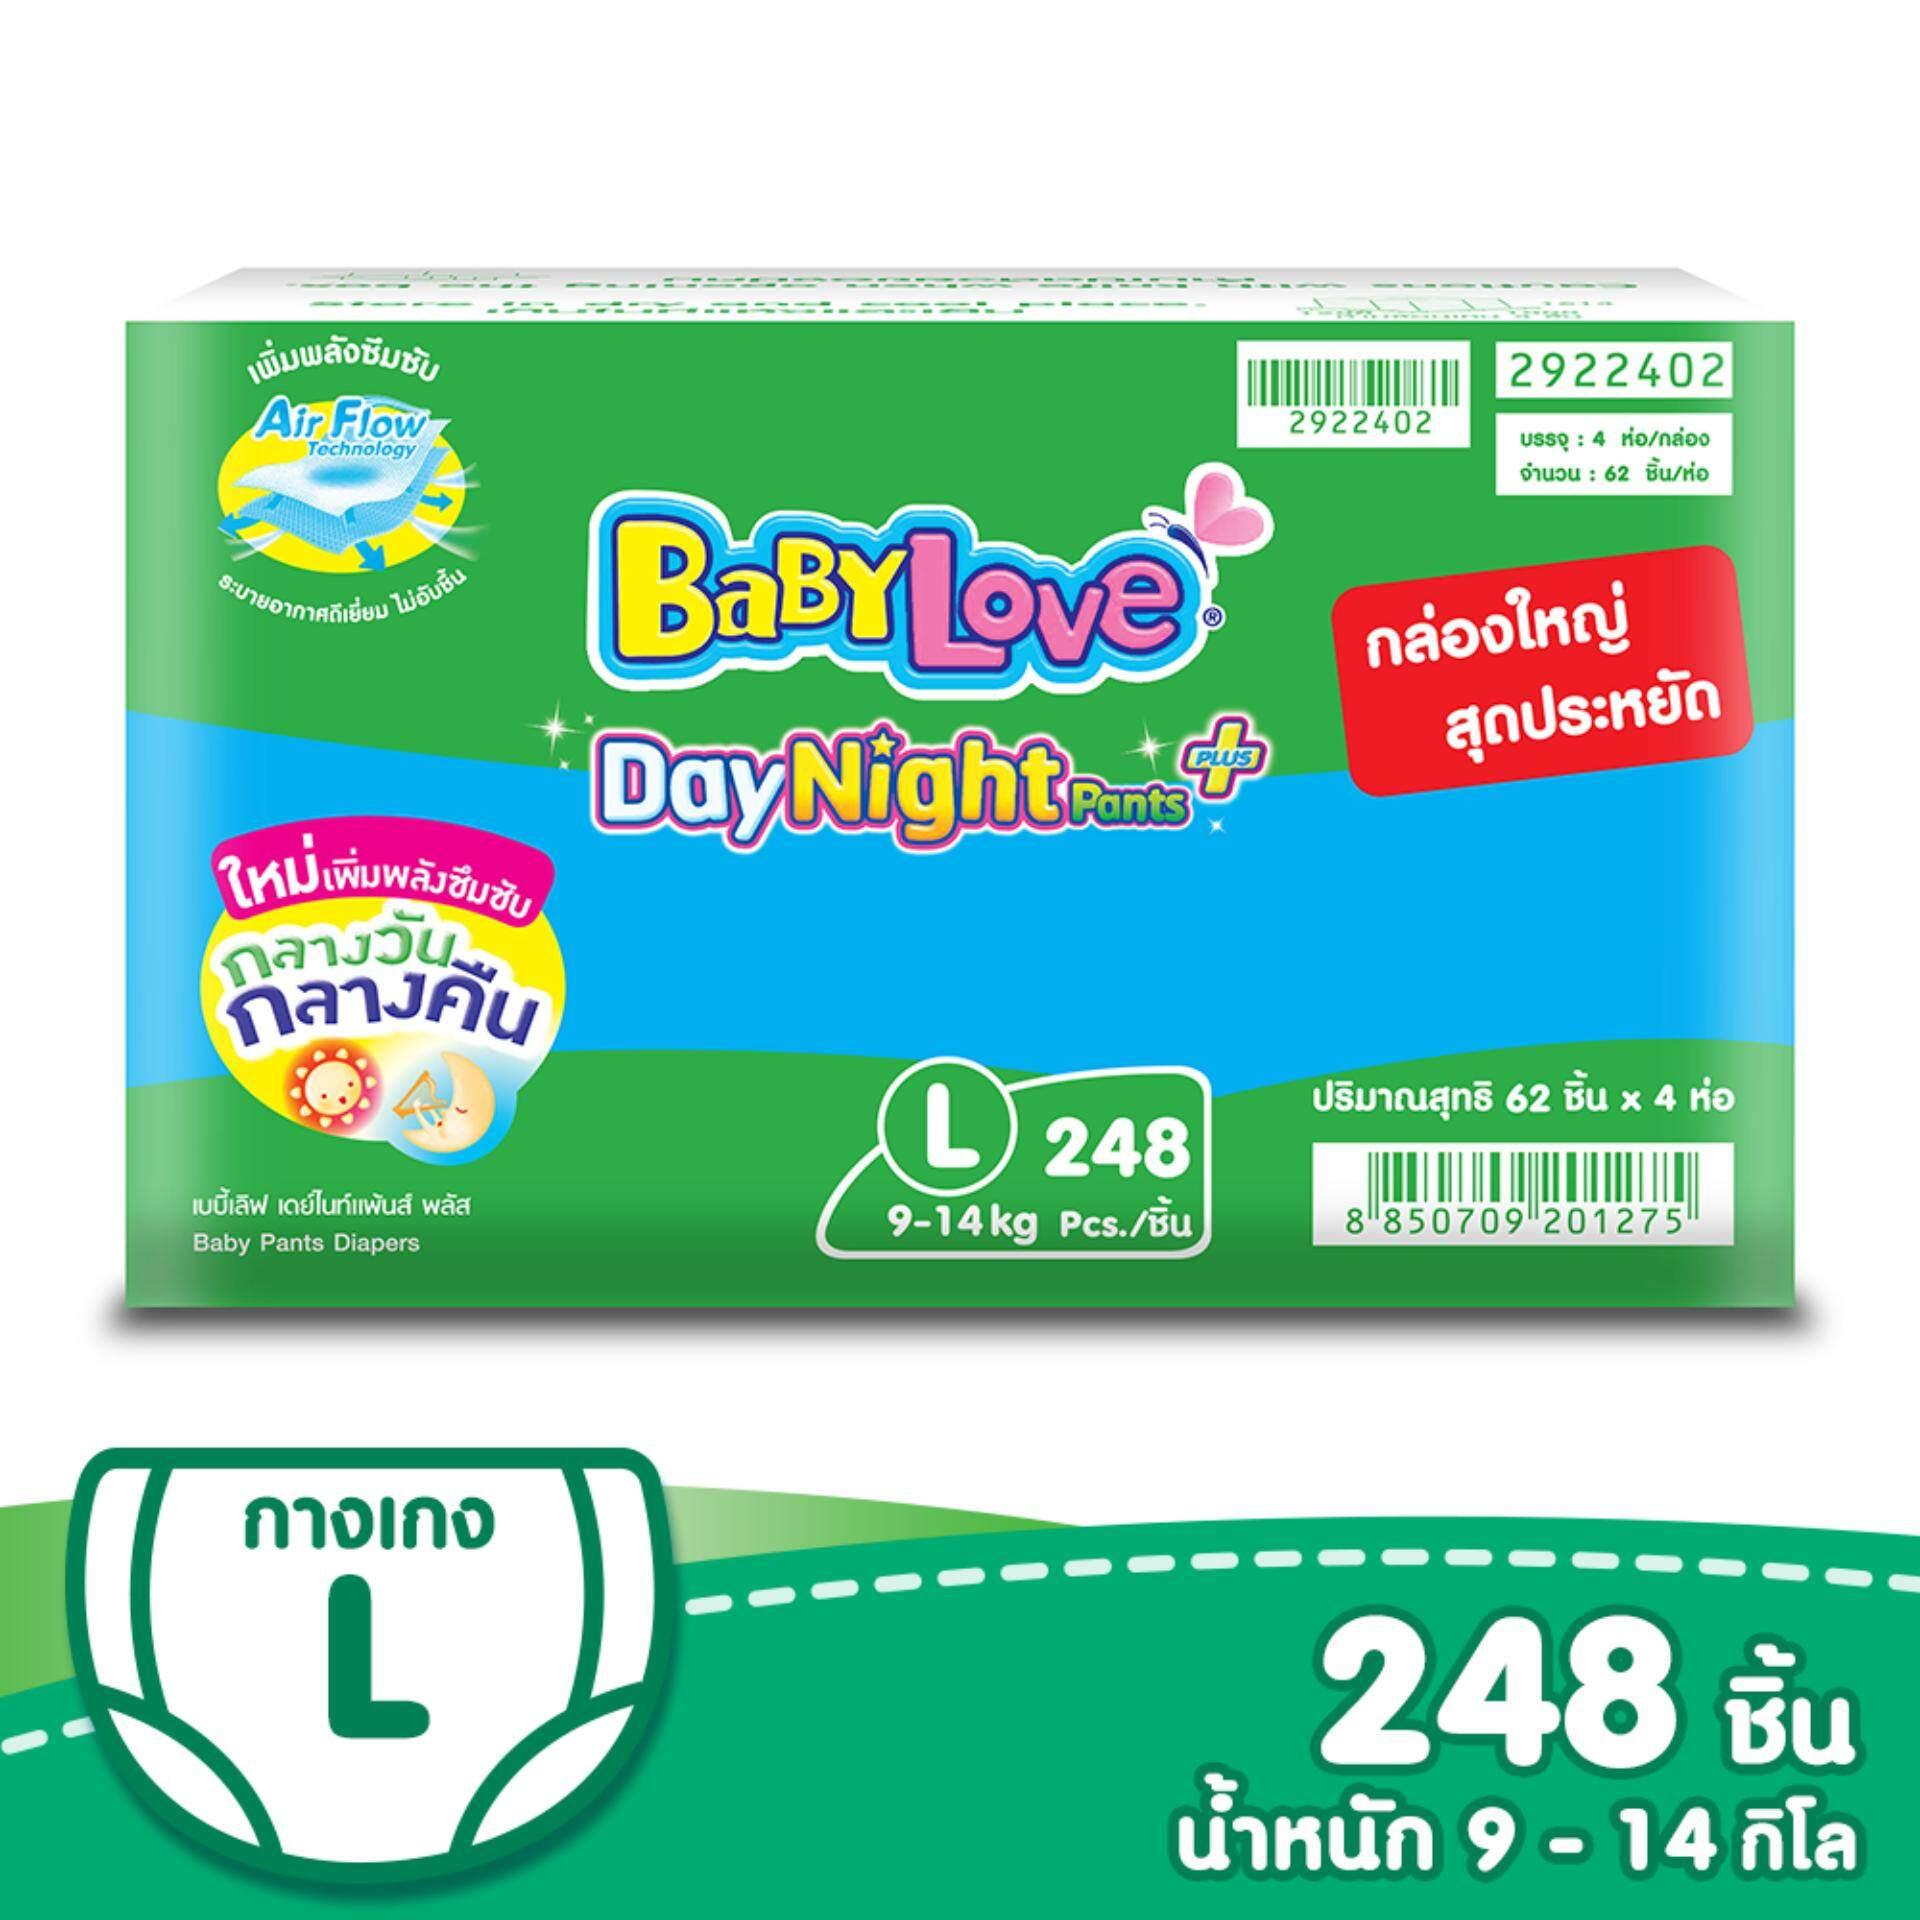 โปรโมชั่น ขายยกลัง BabyLove กางเกงผ้าอ้อม รุ่น DayNight Pants Plus Super Save Box ไซส์ L 248 ชิ้น